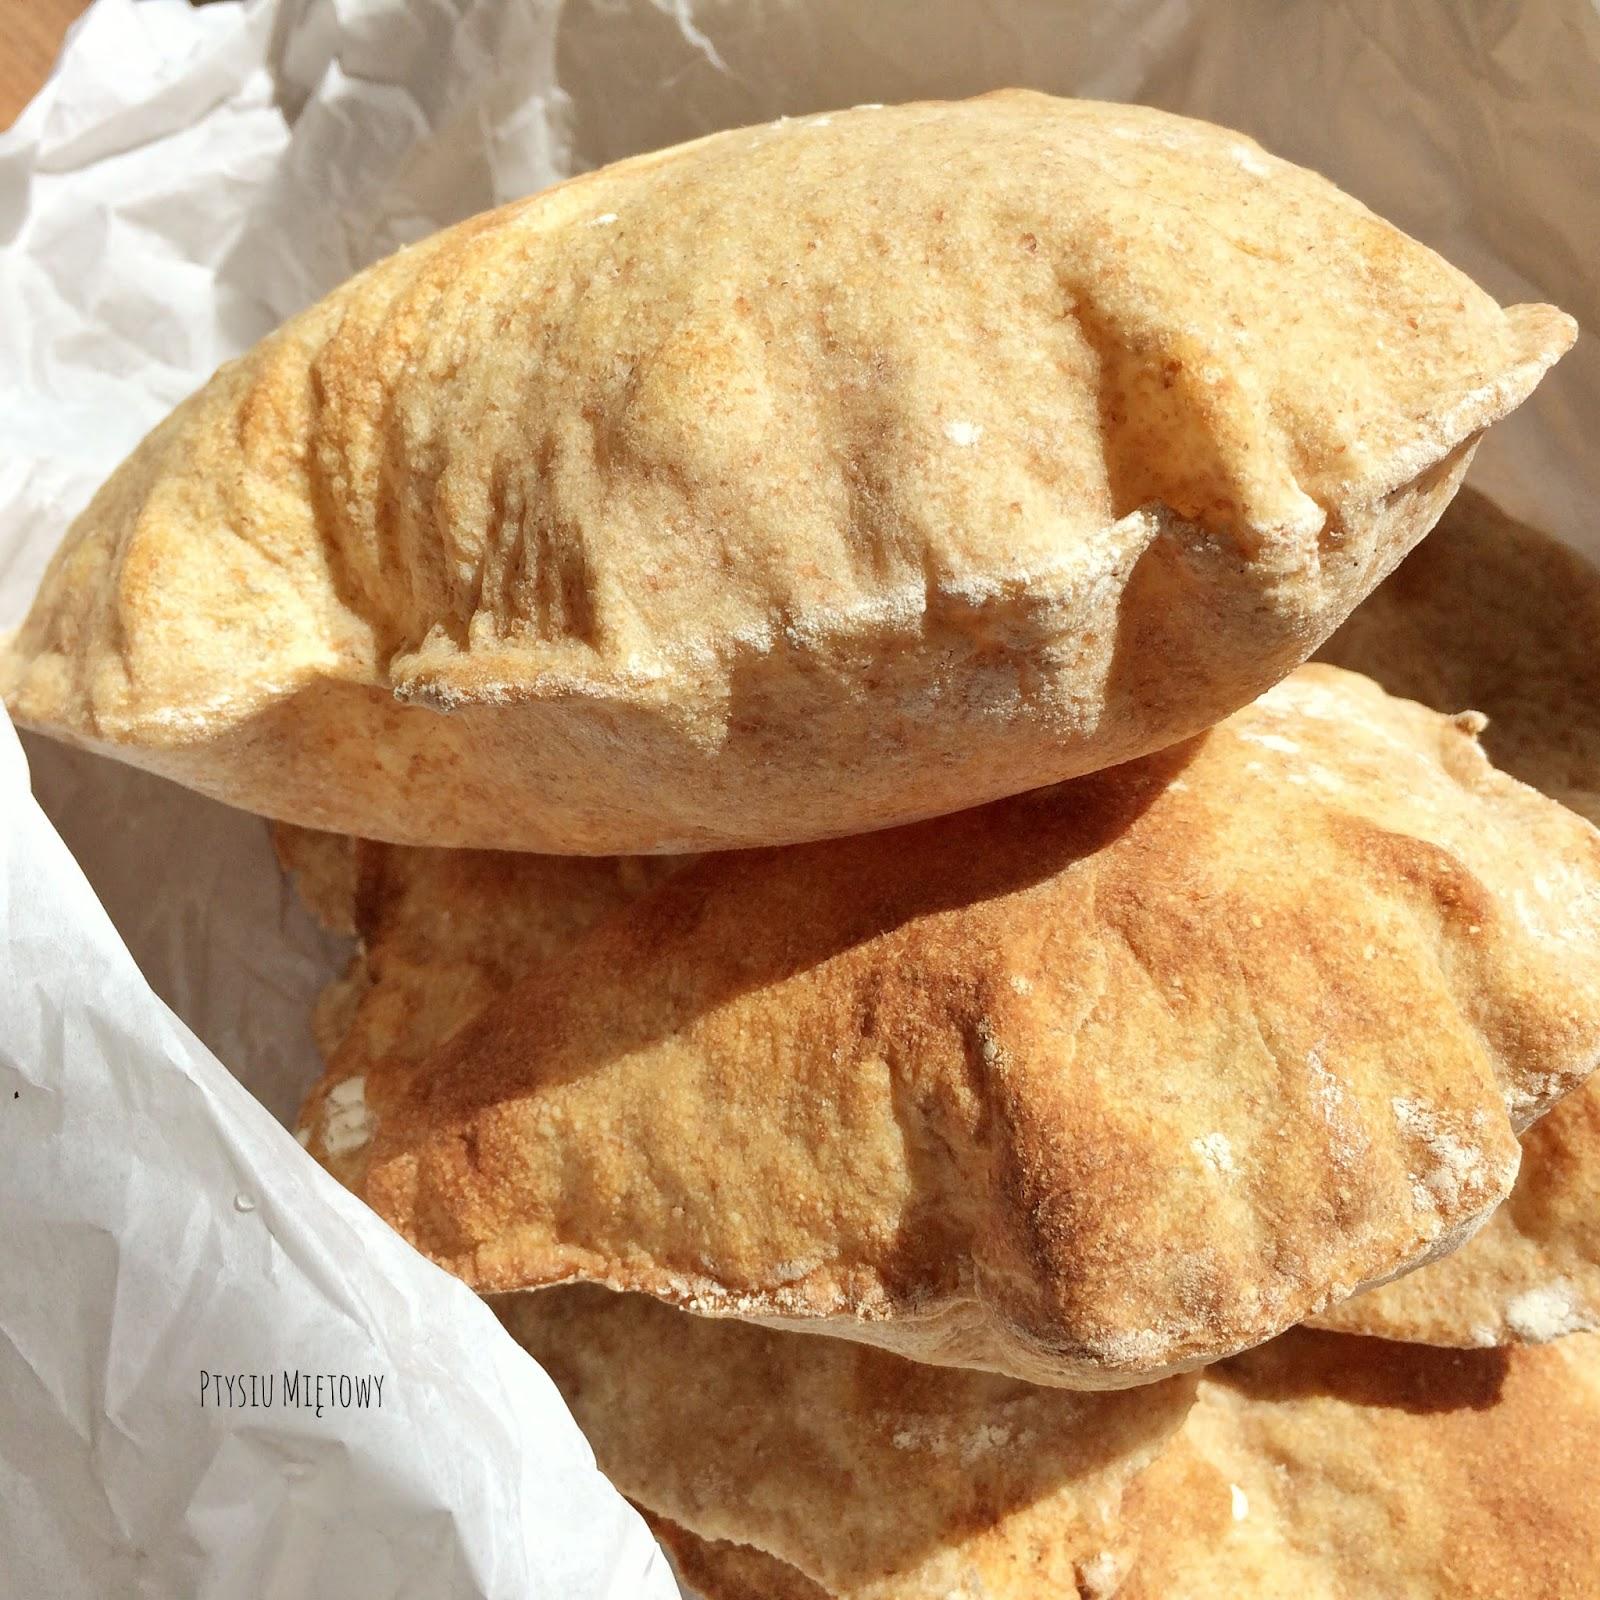 zytnio-pszenne chlebki pita, ptysiu mietowy